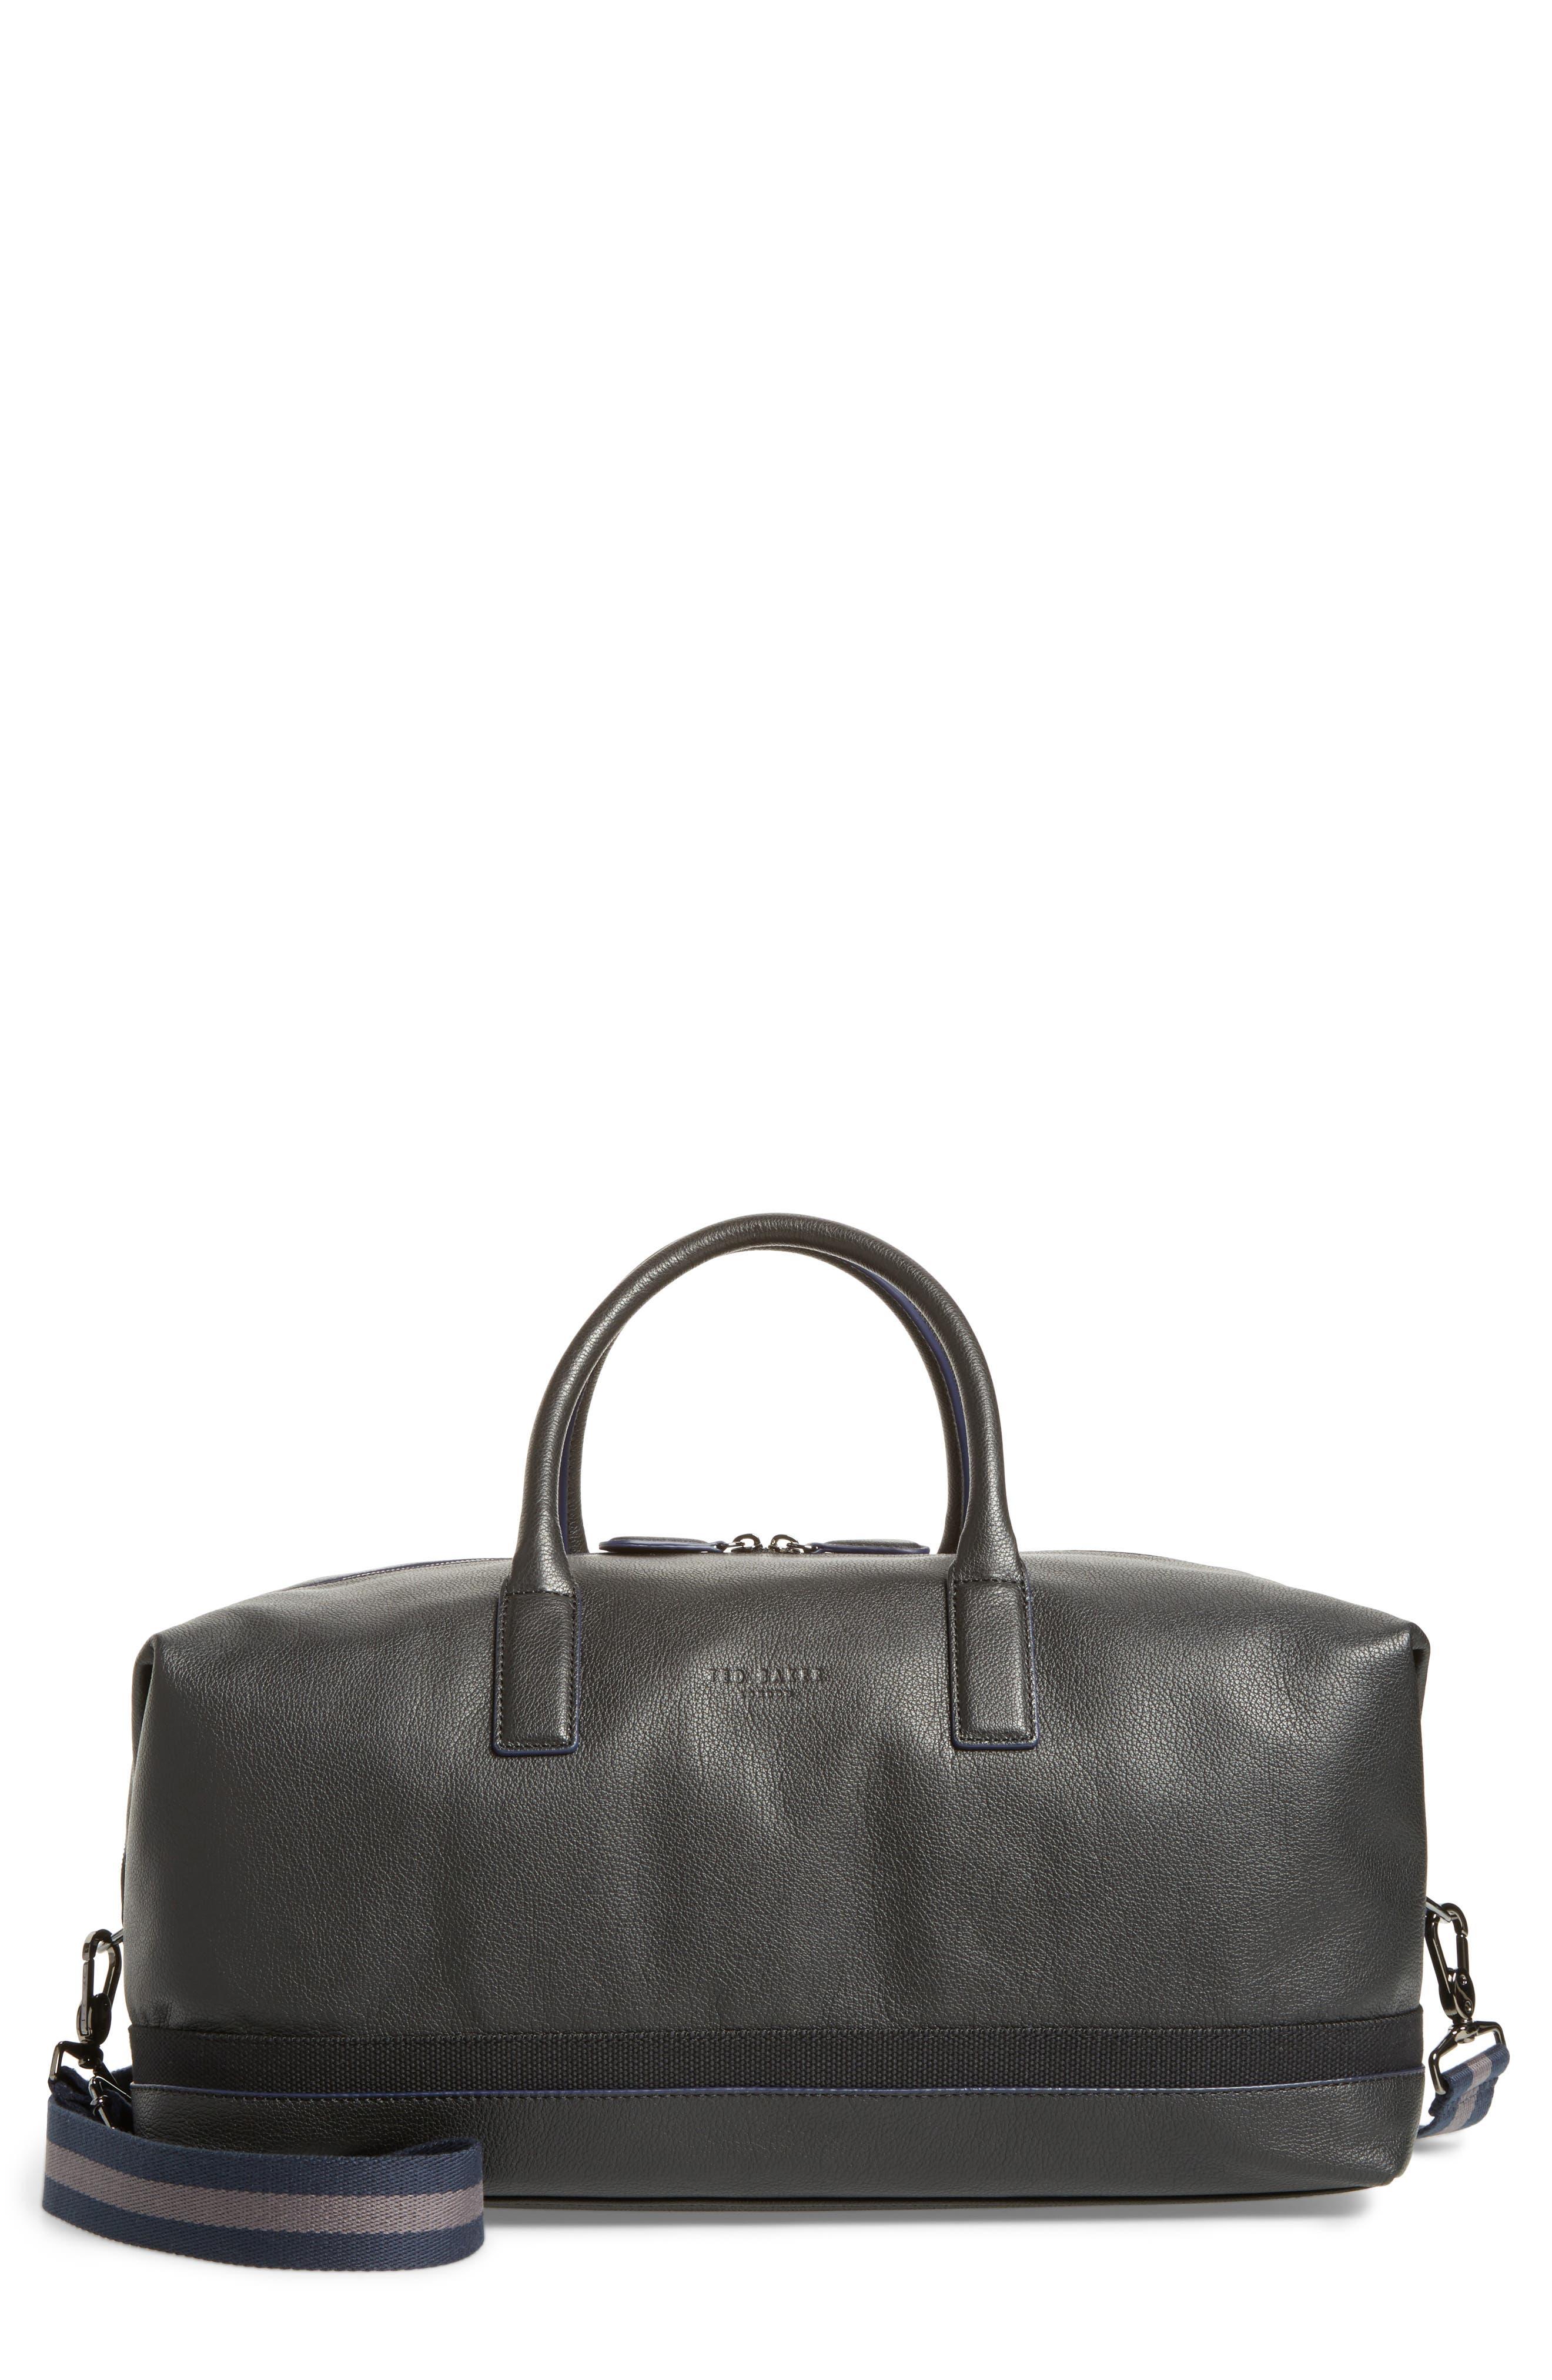 Mylow Duffel Bag,                             Main thumbnail 1, color,                             Black